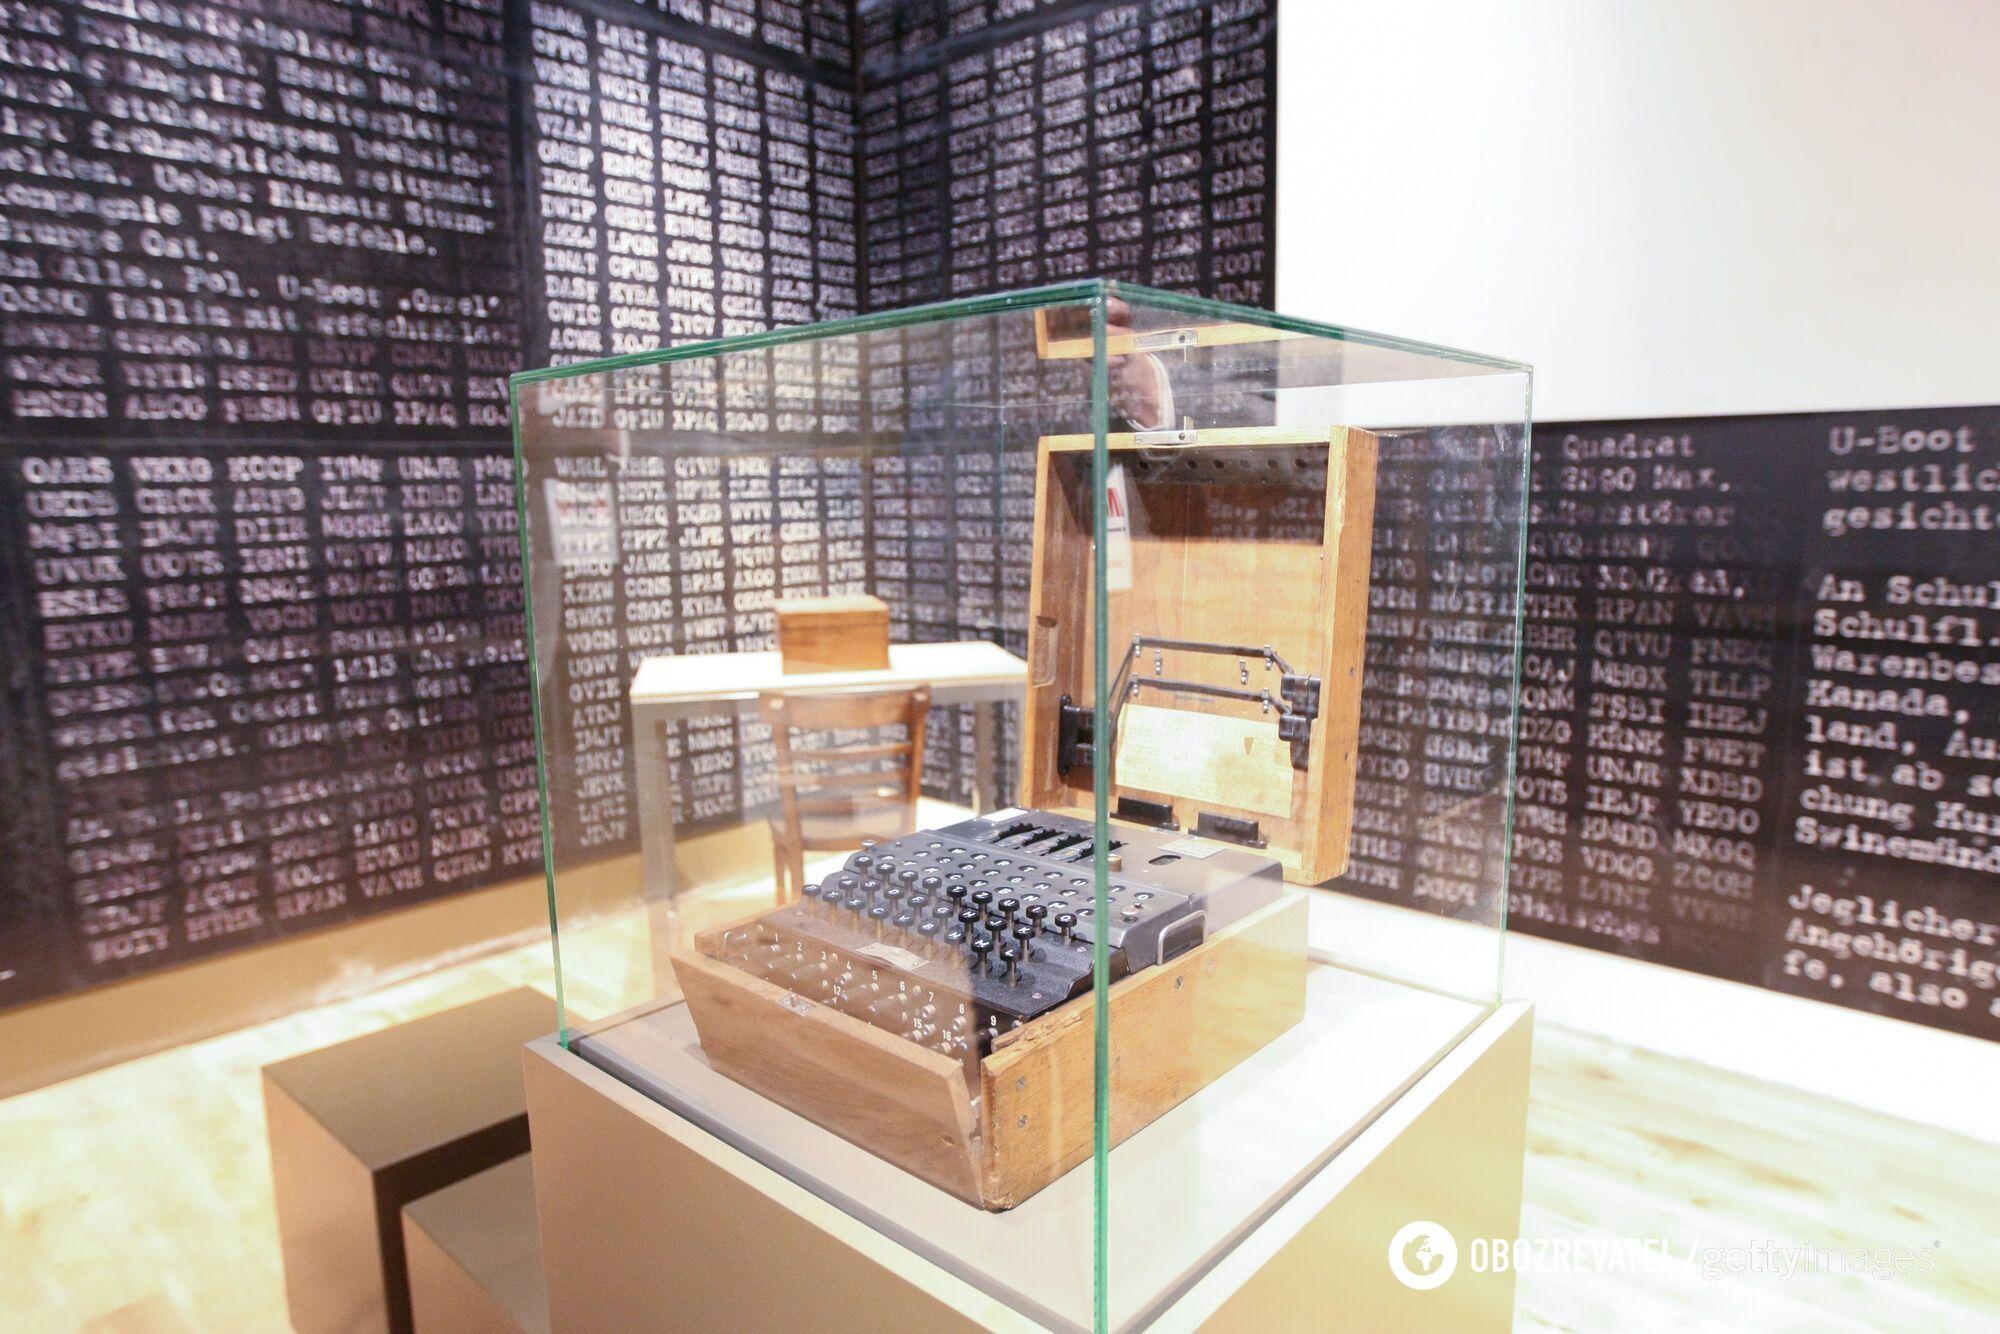 Шифровальная машина Enigma в музее Второй мировой войны в Гданьске, Польша